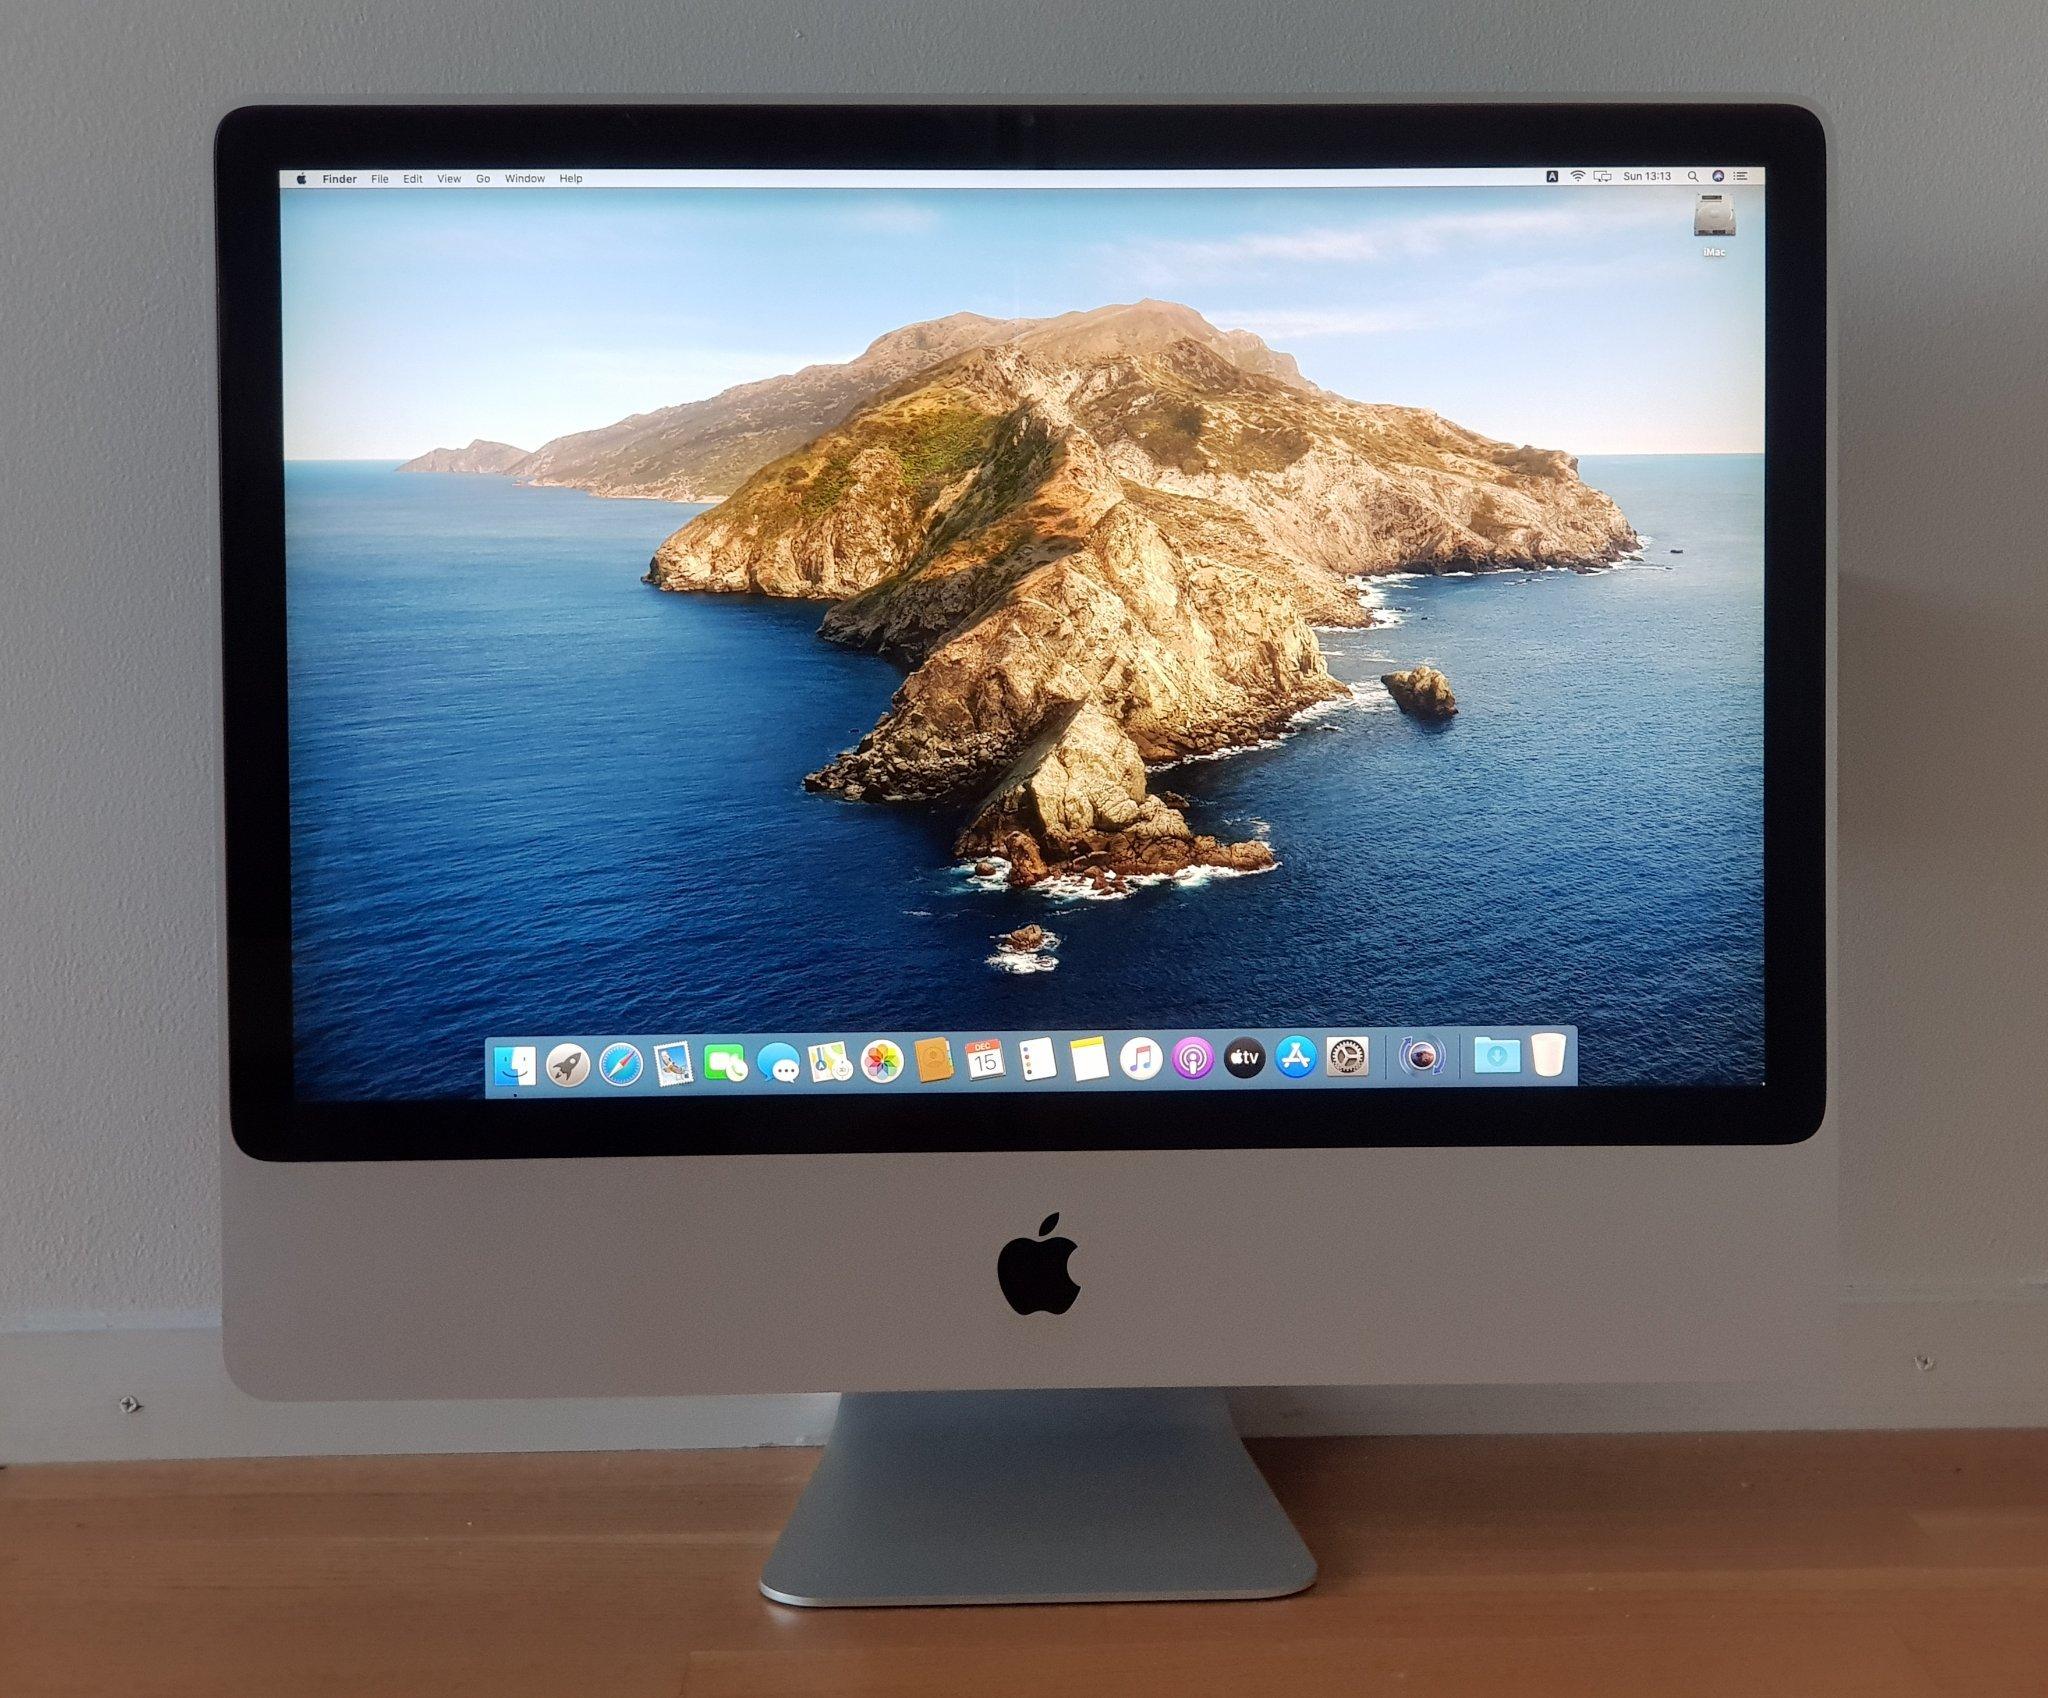 Mac Os 10.15.2